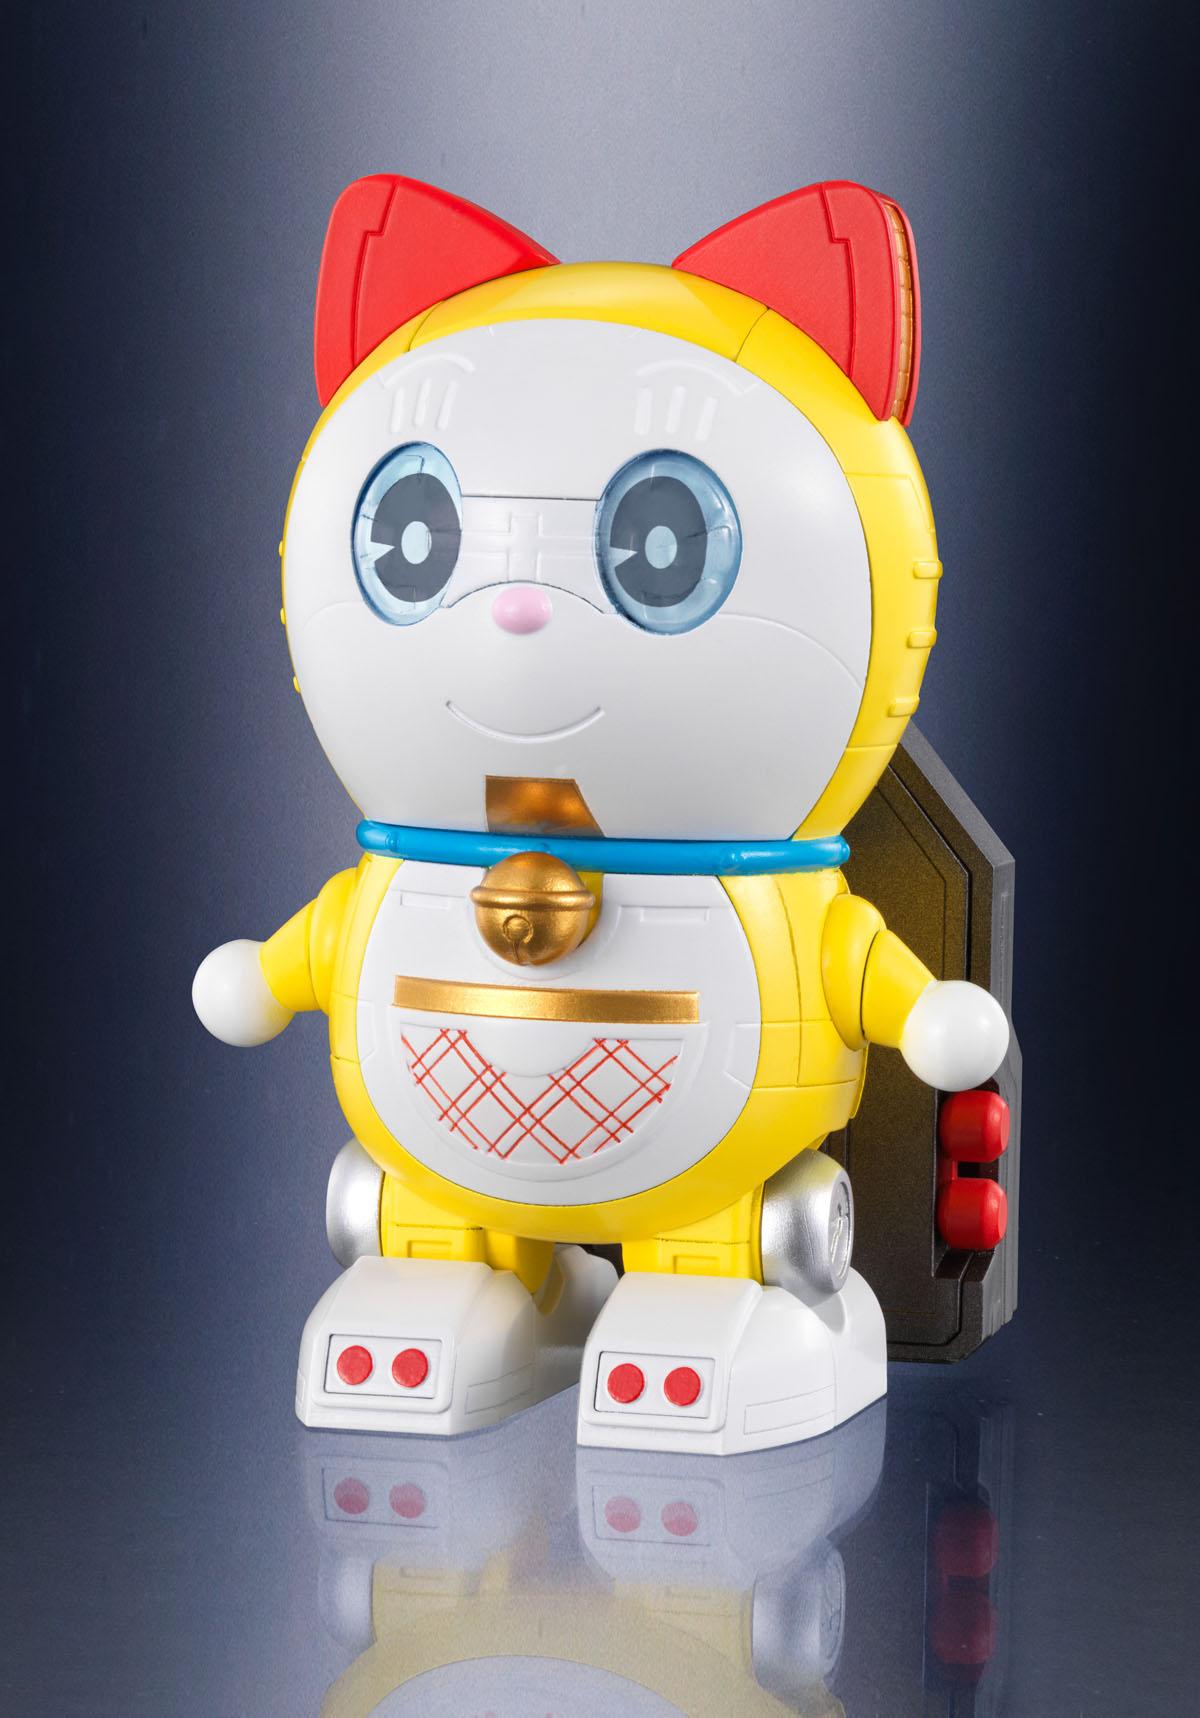 ドラミロボット